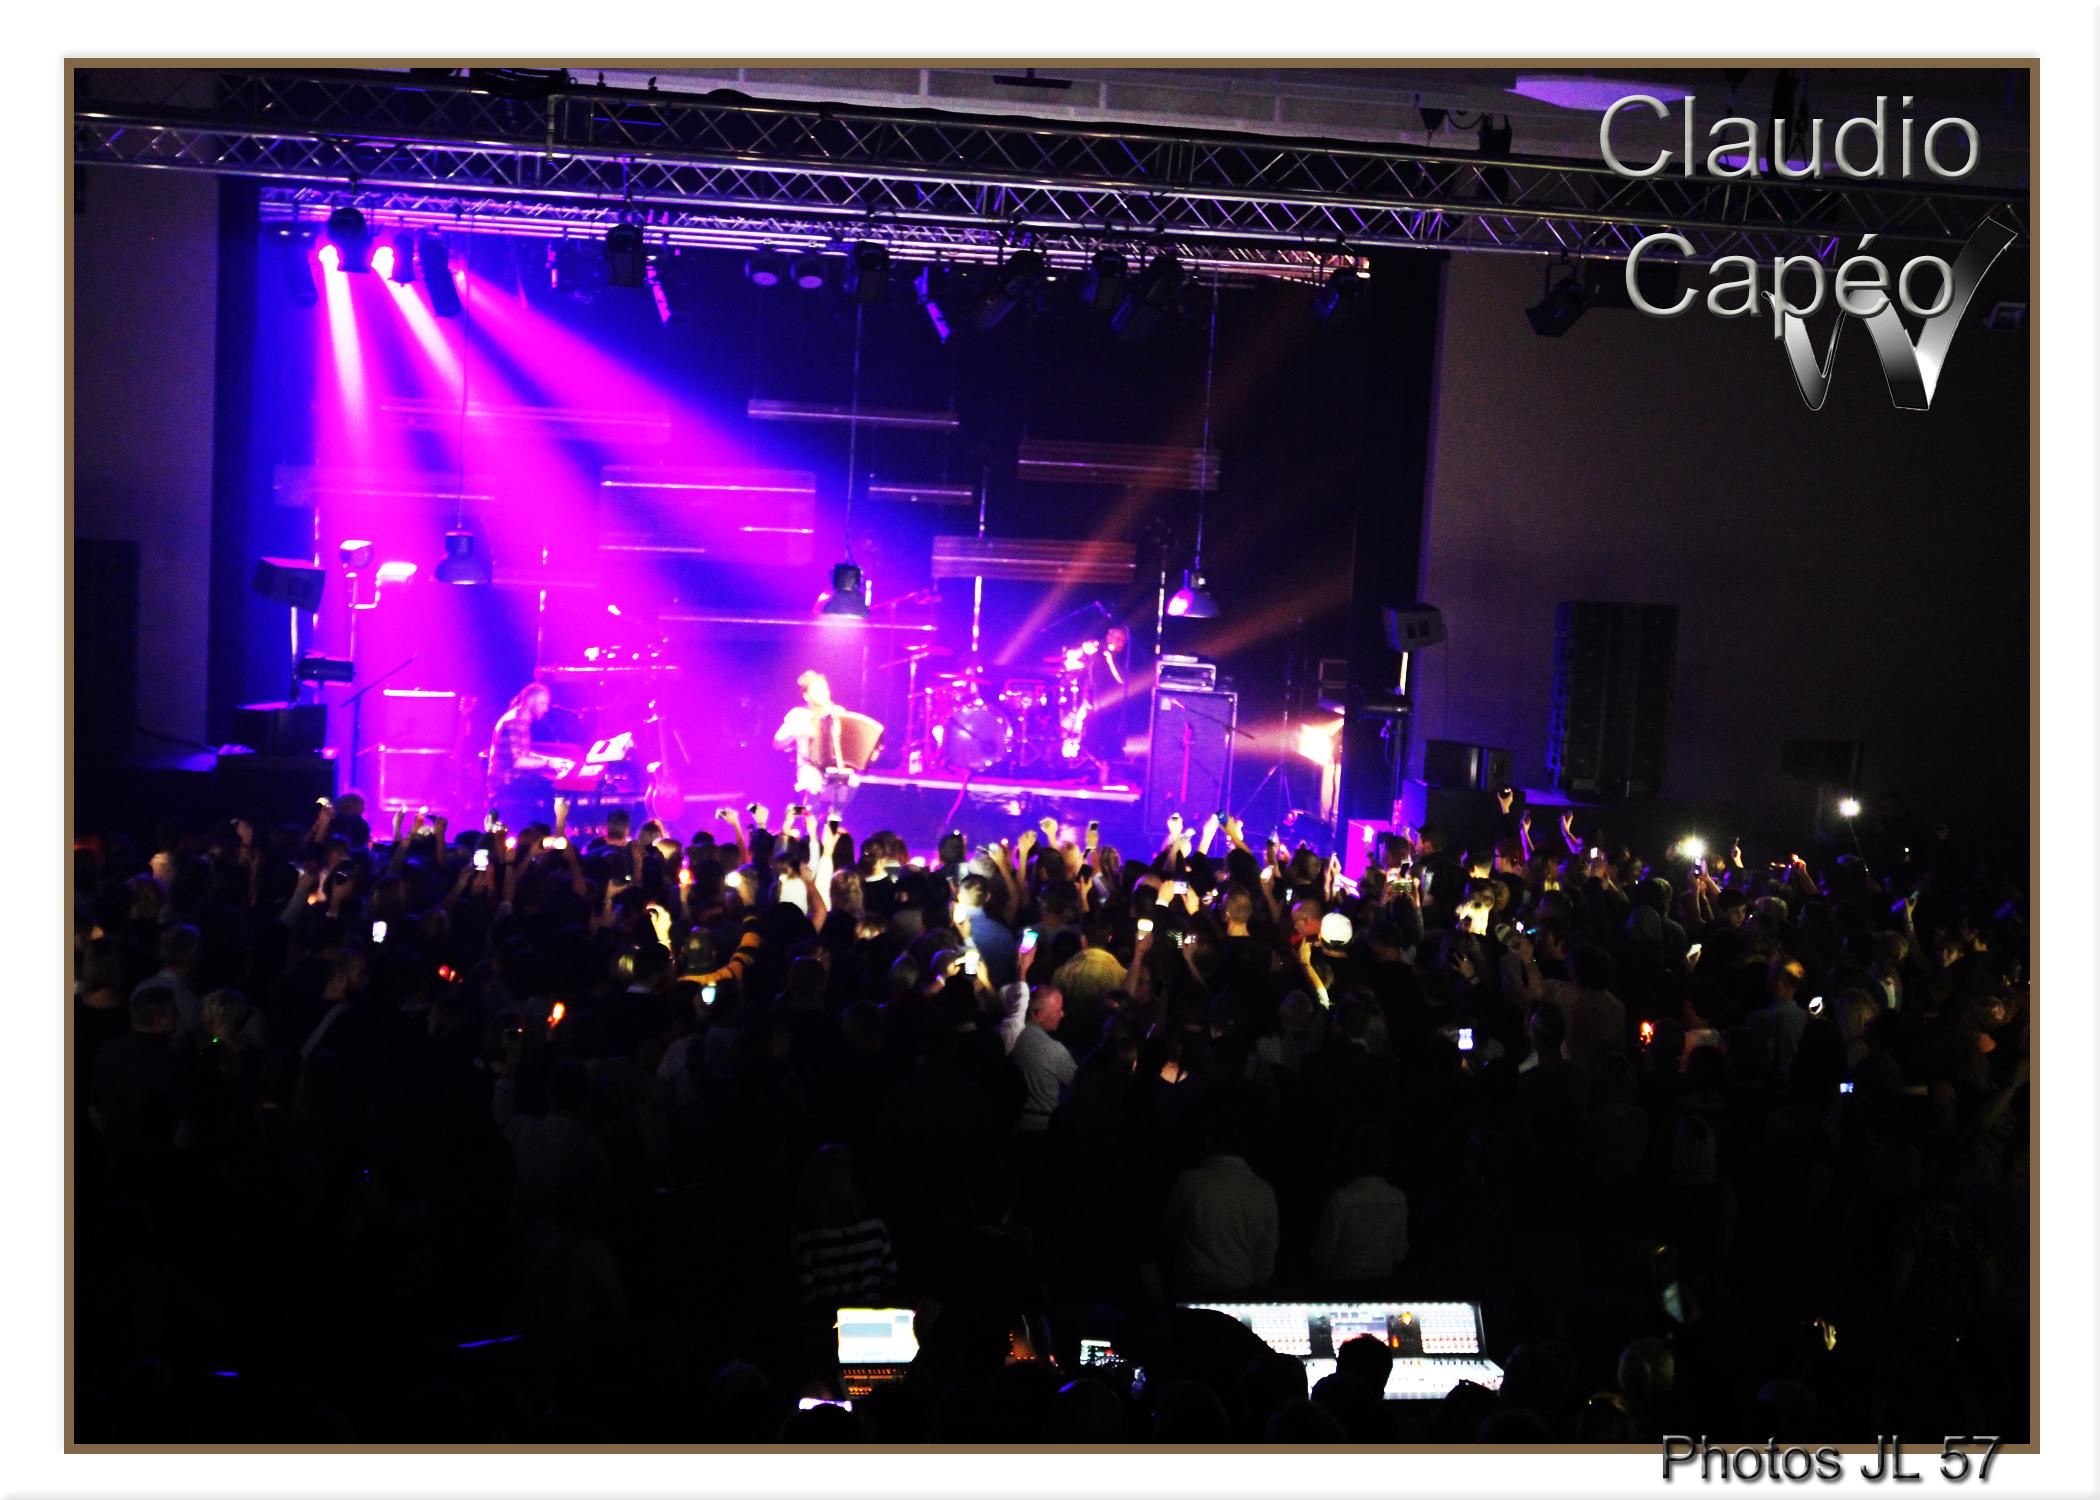 Claudio Capeo 22